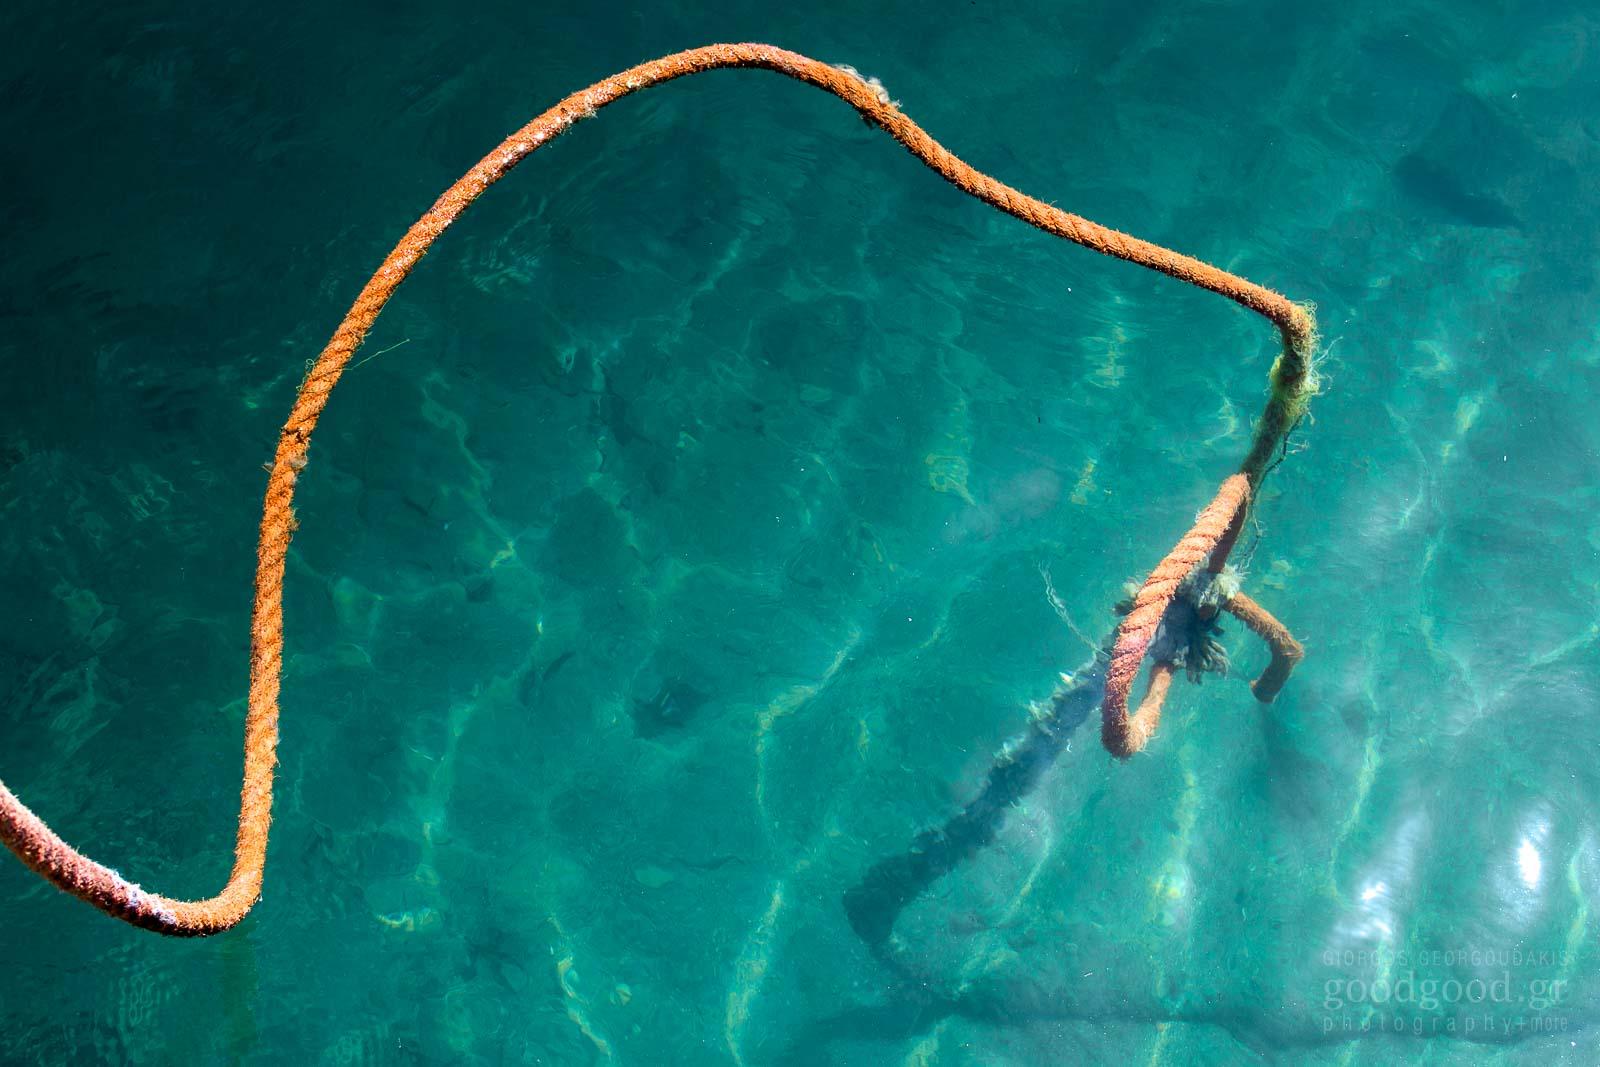 Φωτογραφία σχοινιού να βυθίζεται στα καταγάλανα νερά